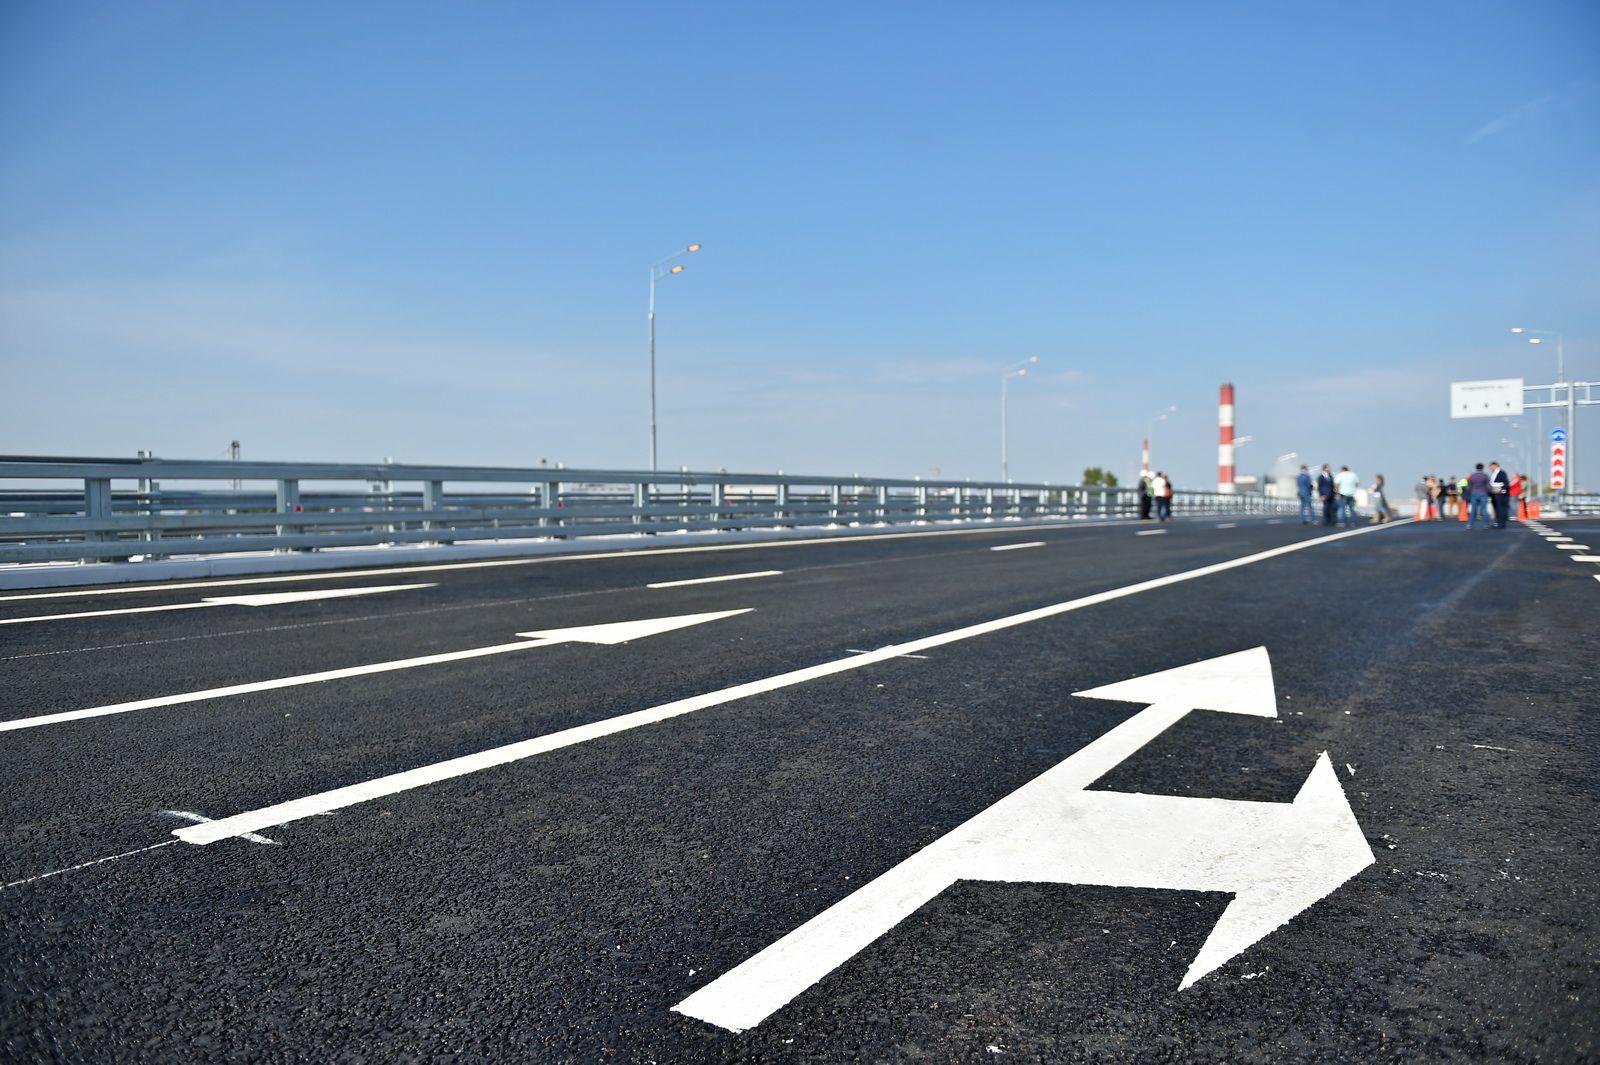 Новая Москва может получить 470 километров дорог к 2023 году. Фото: официальный сайт Комплекса градостроительной политики и строительства Москвы